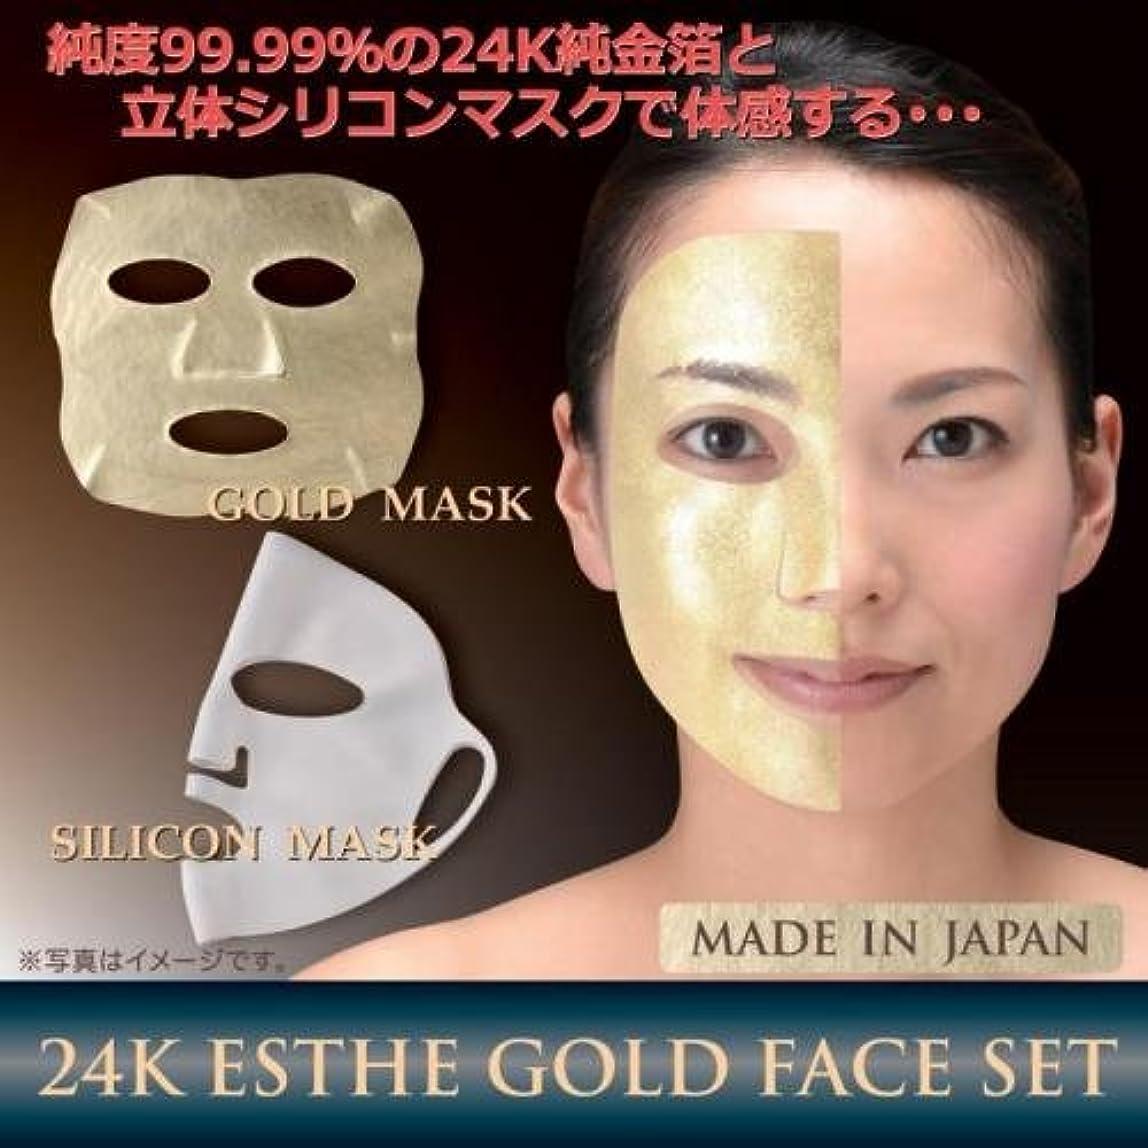 縫うゲージ昆虫を見る後藤 24K エステゴールドフェイス セット 金箔マスク×1、シリコンマスク×1